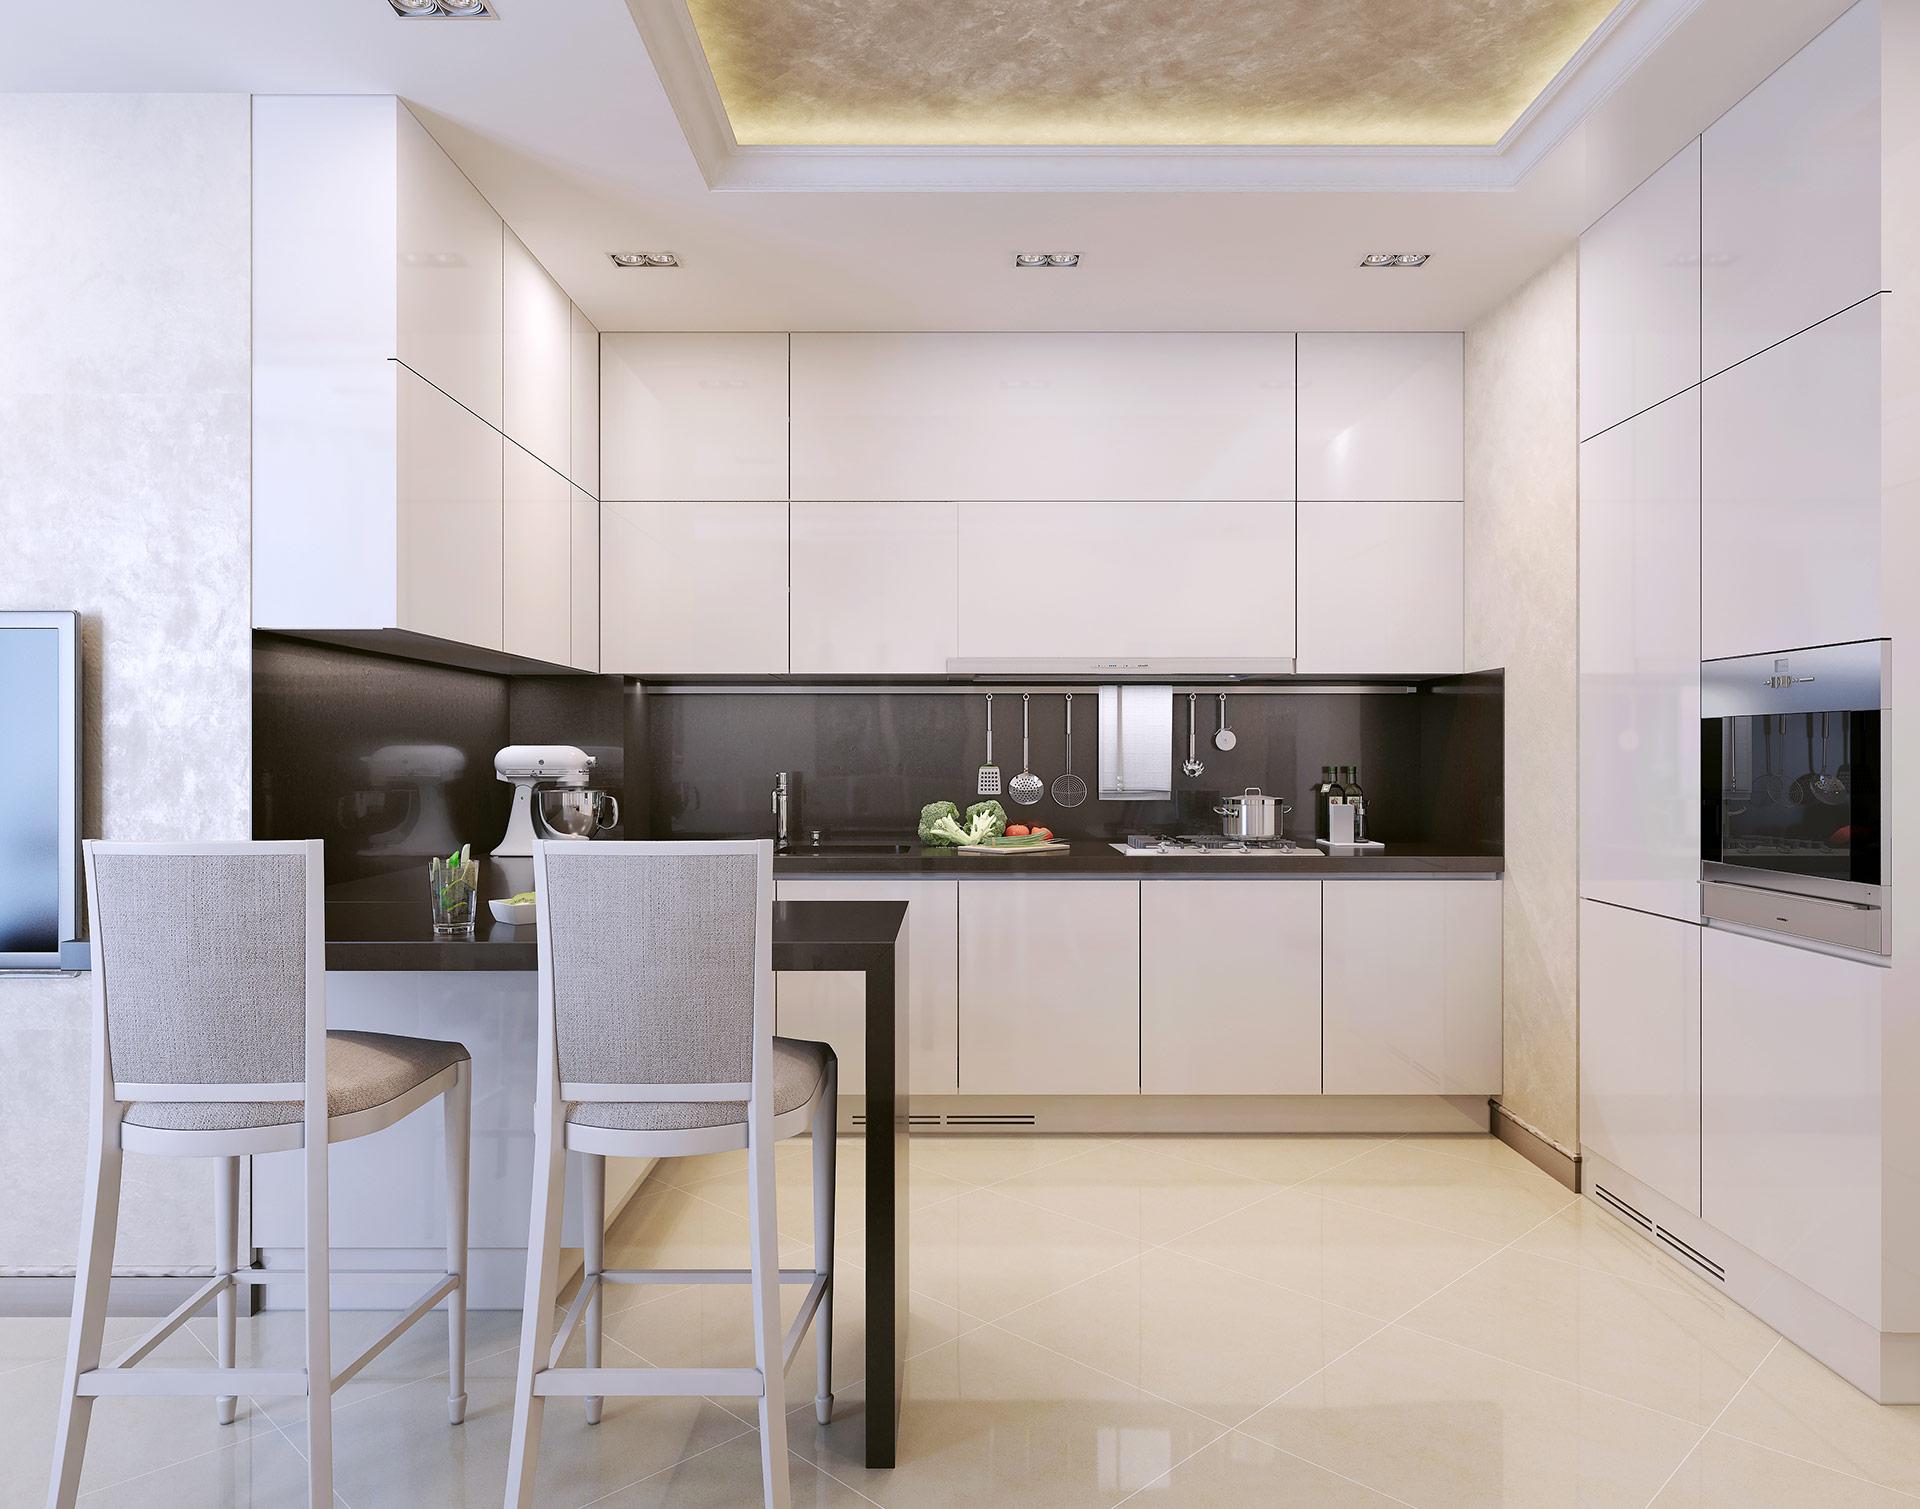 kuchnia w akrylu matowym